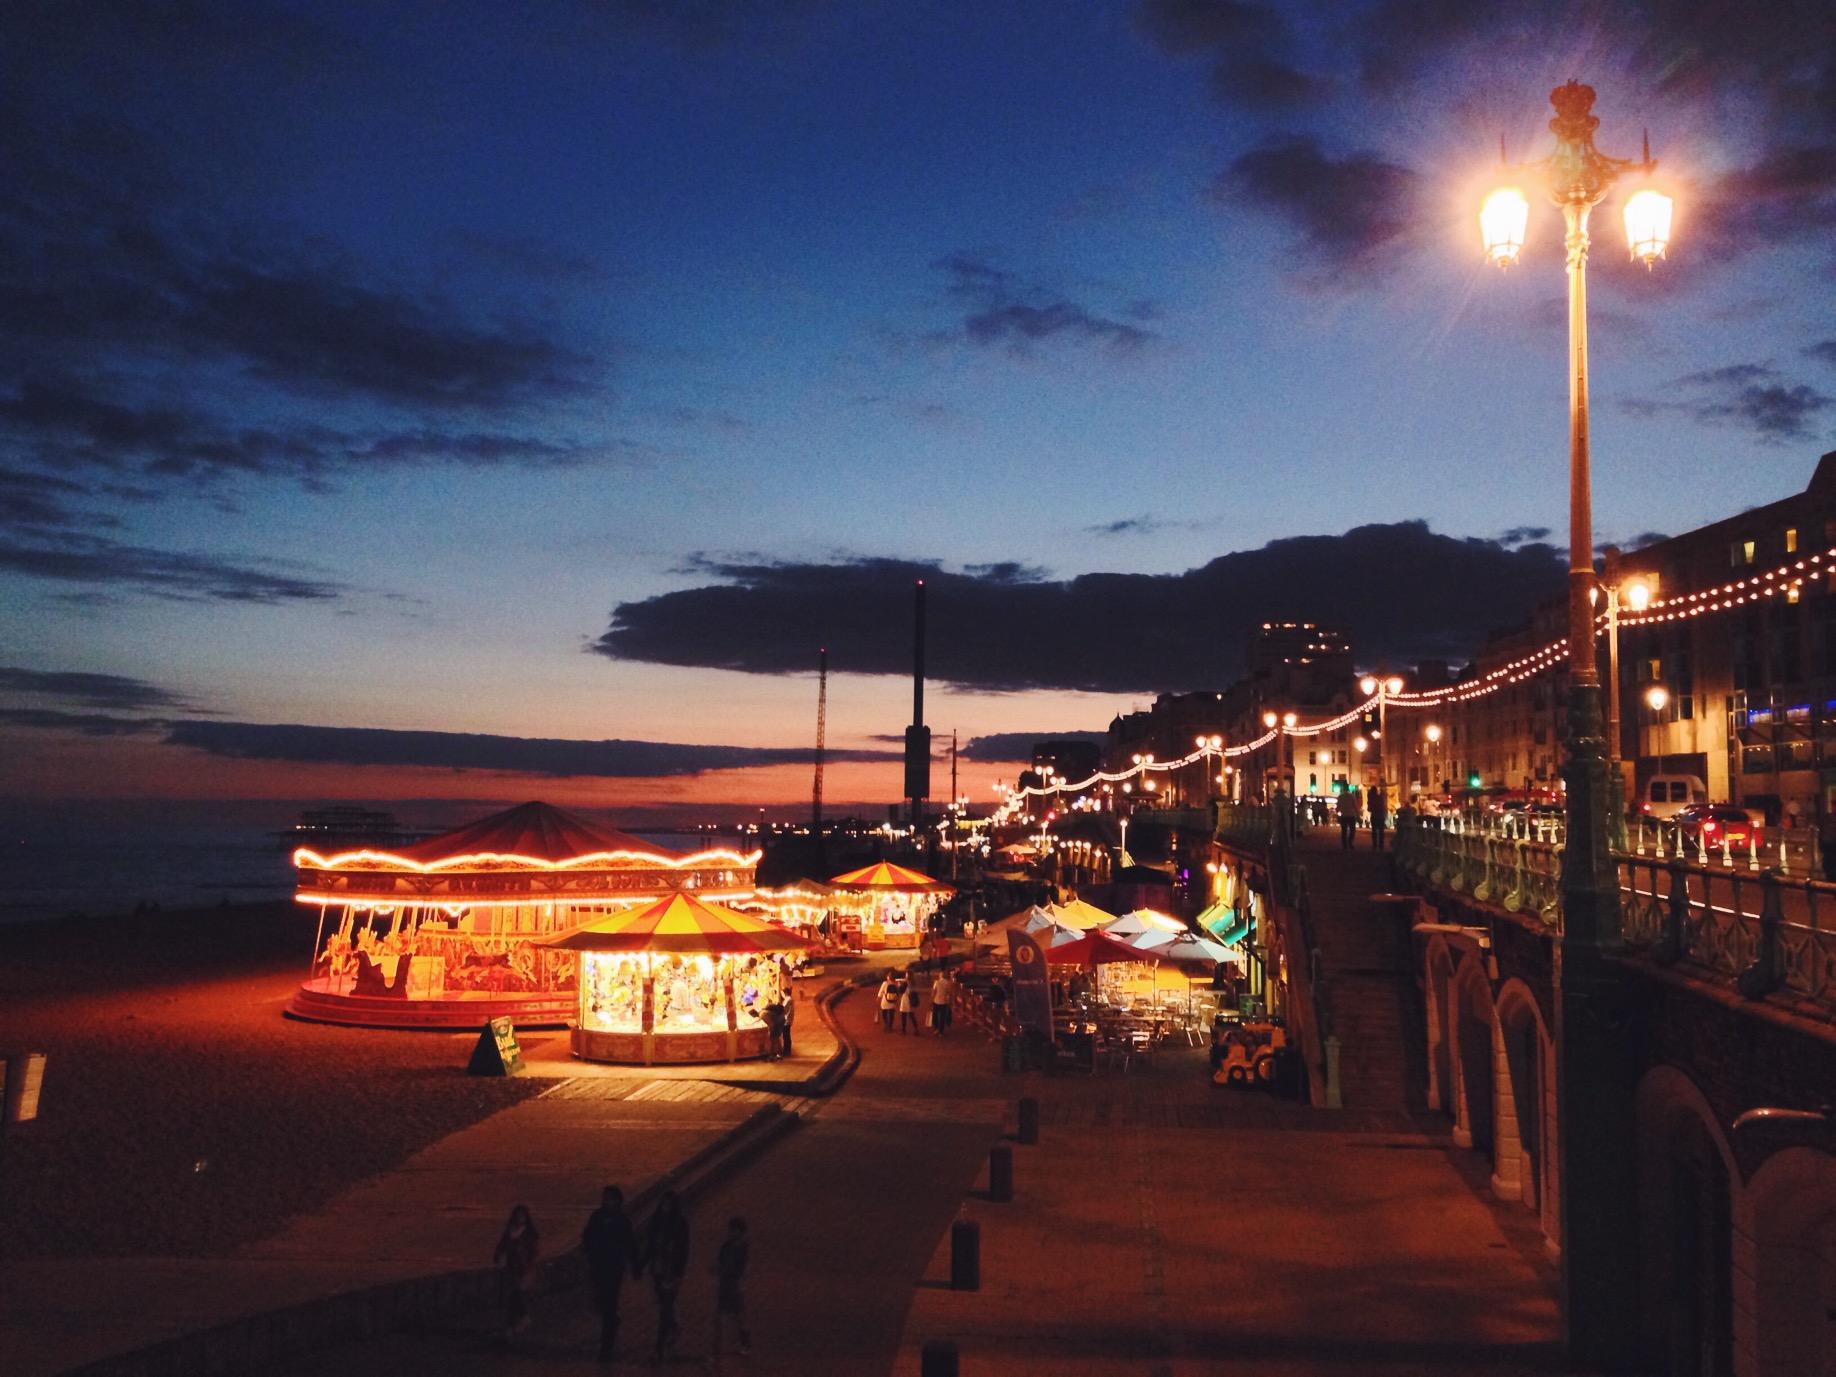 Brighton di sera, una passeggiata sul lungomare, le lucine che creano l'atmosfera e una birra per riscaldarsi